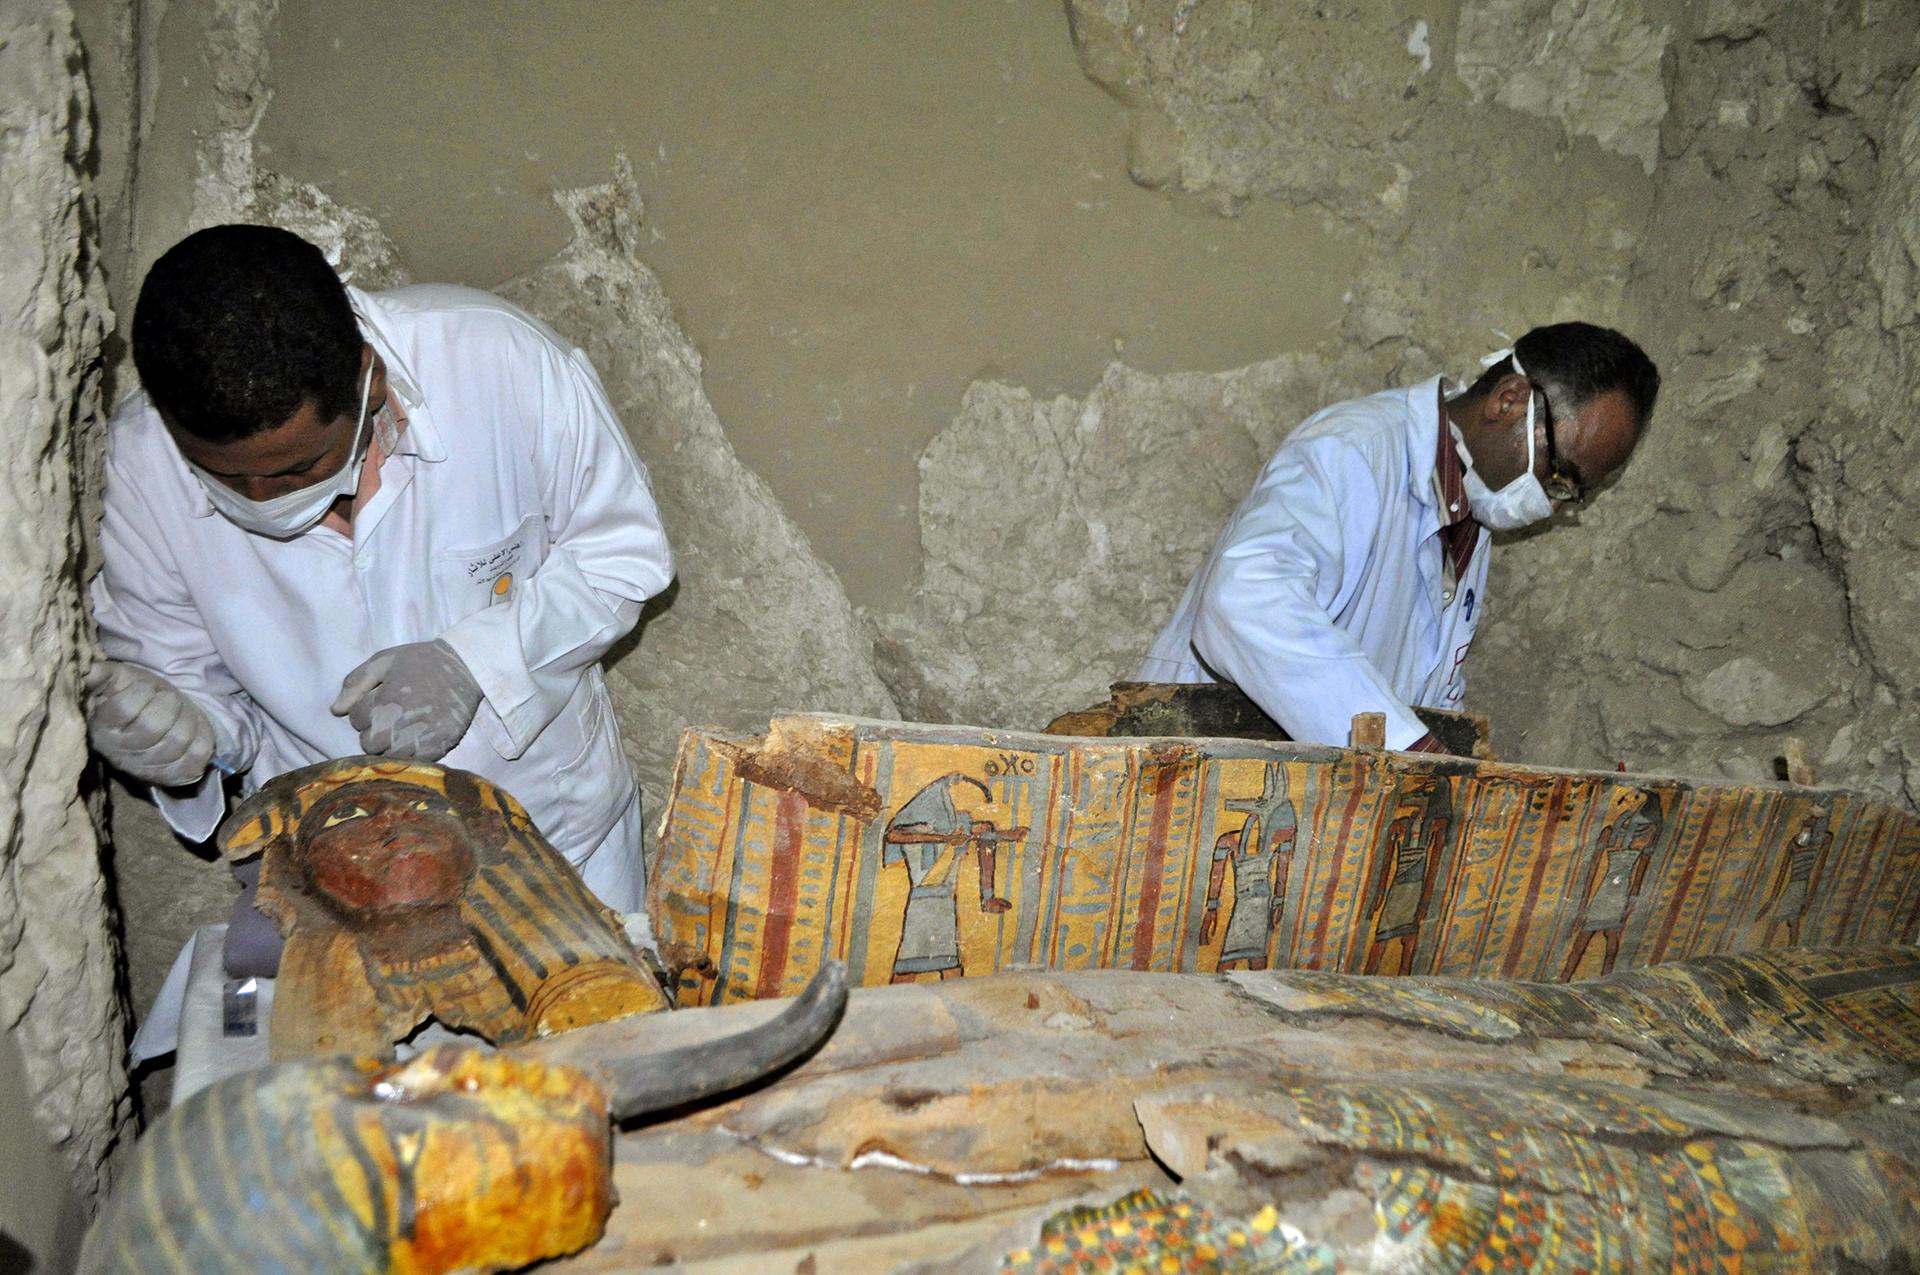 Arqueólogos restauranun ataúd de madera en una tumba de 3.500 años de antigüedad (Foto: AFP )